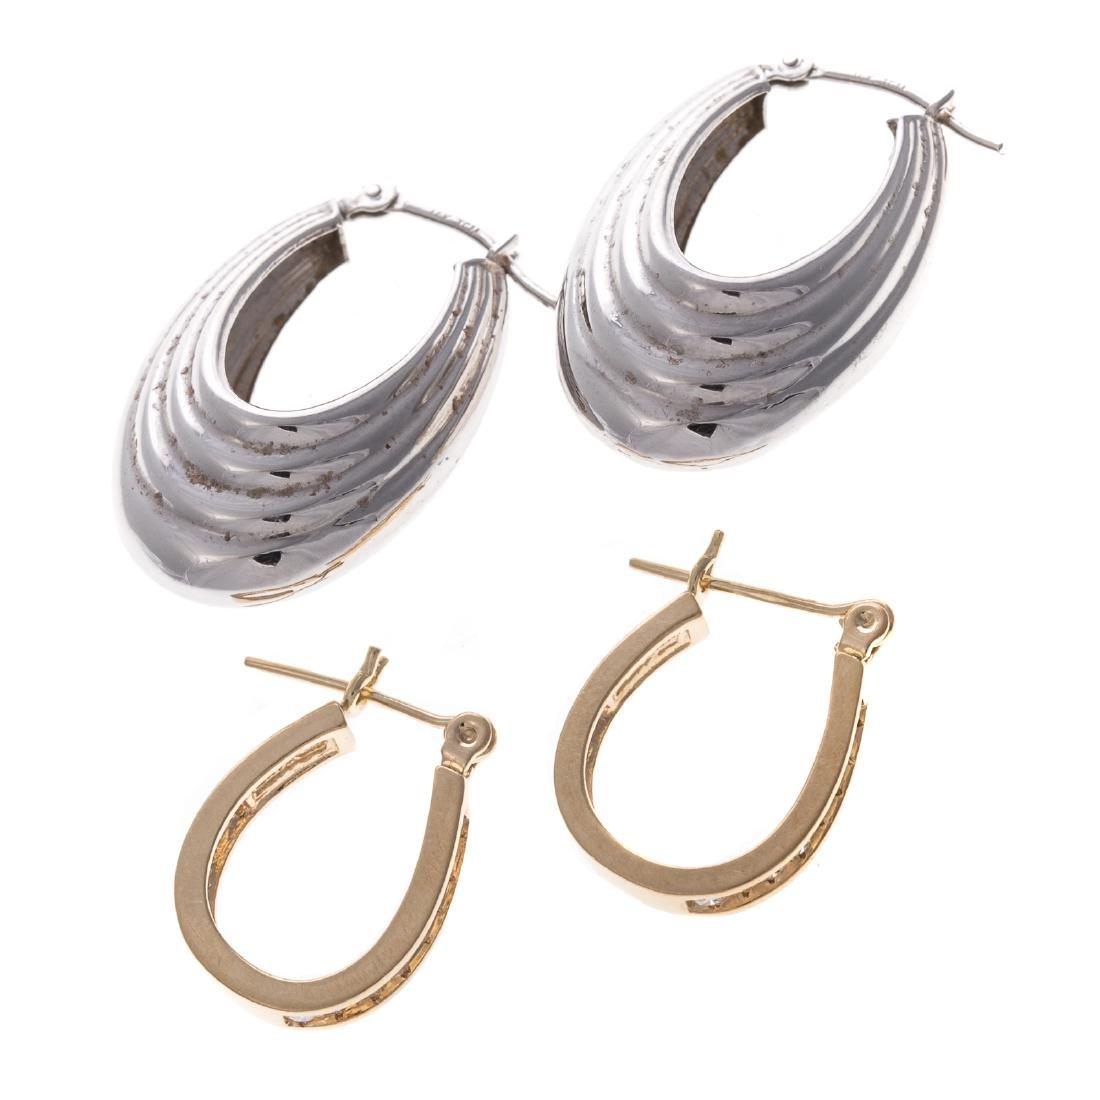 Two Pairs of Lady's 14K Hoop Earrings